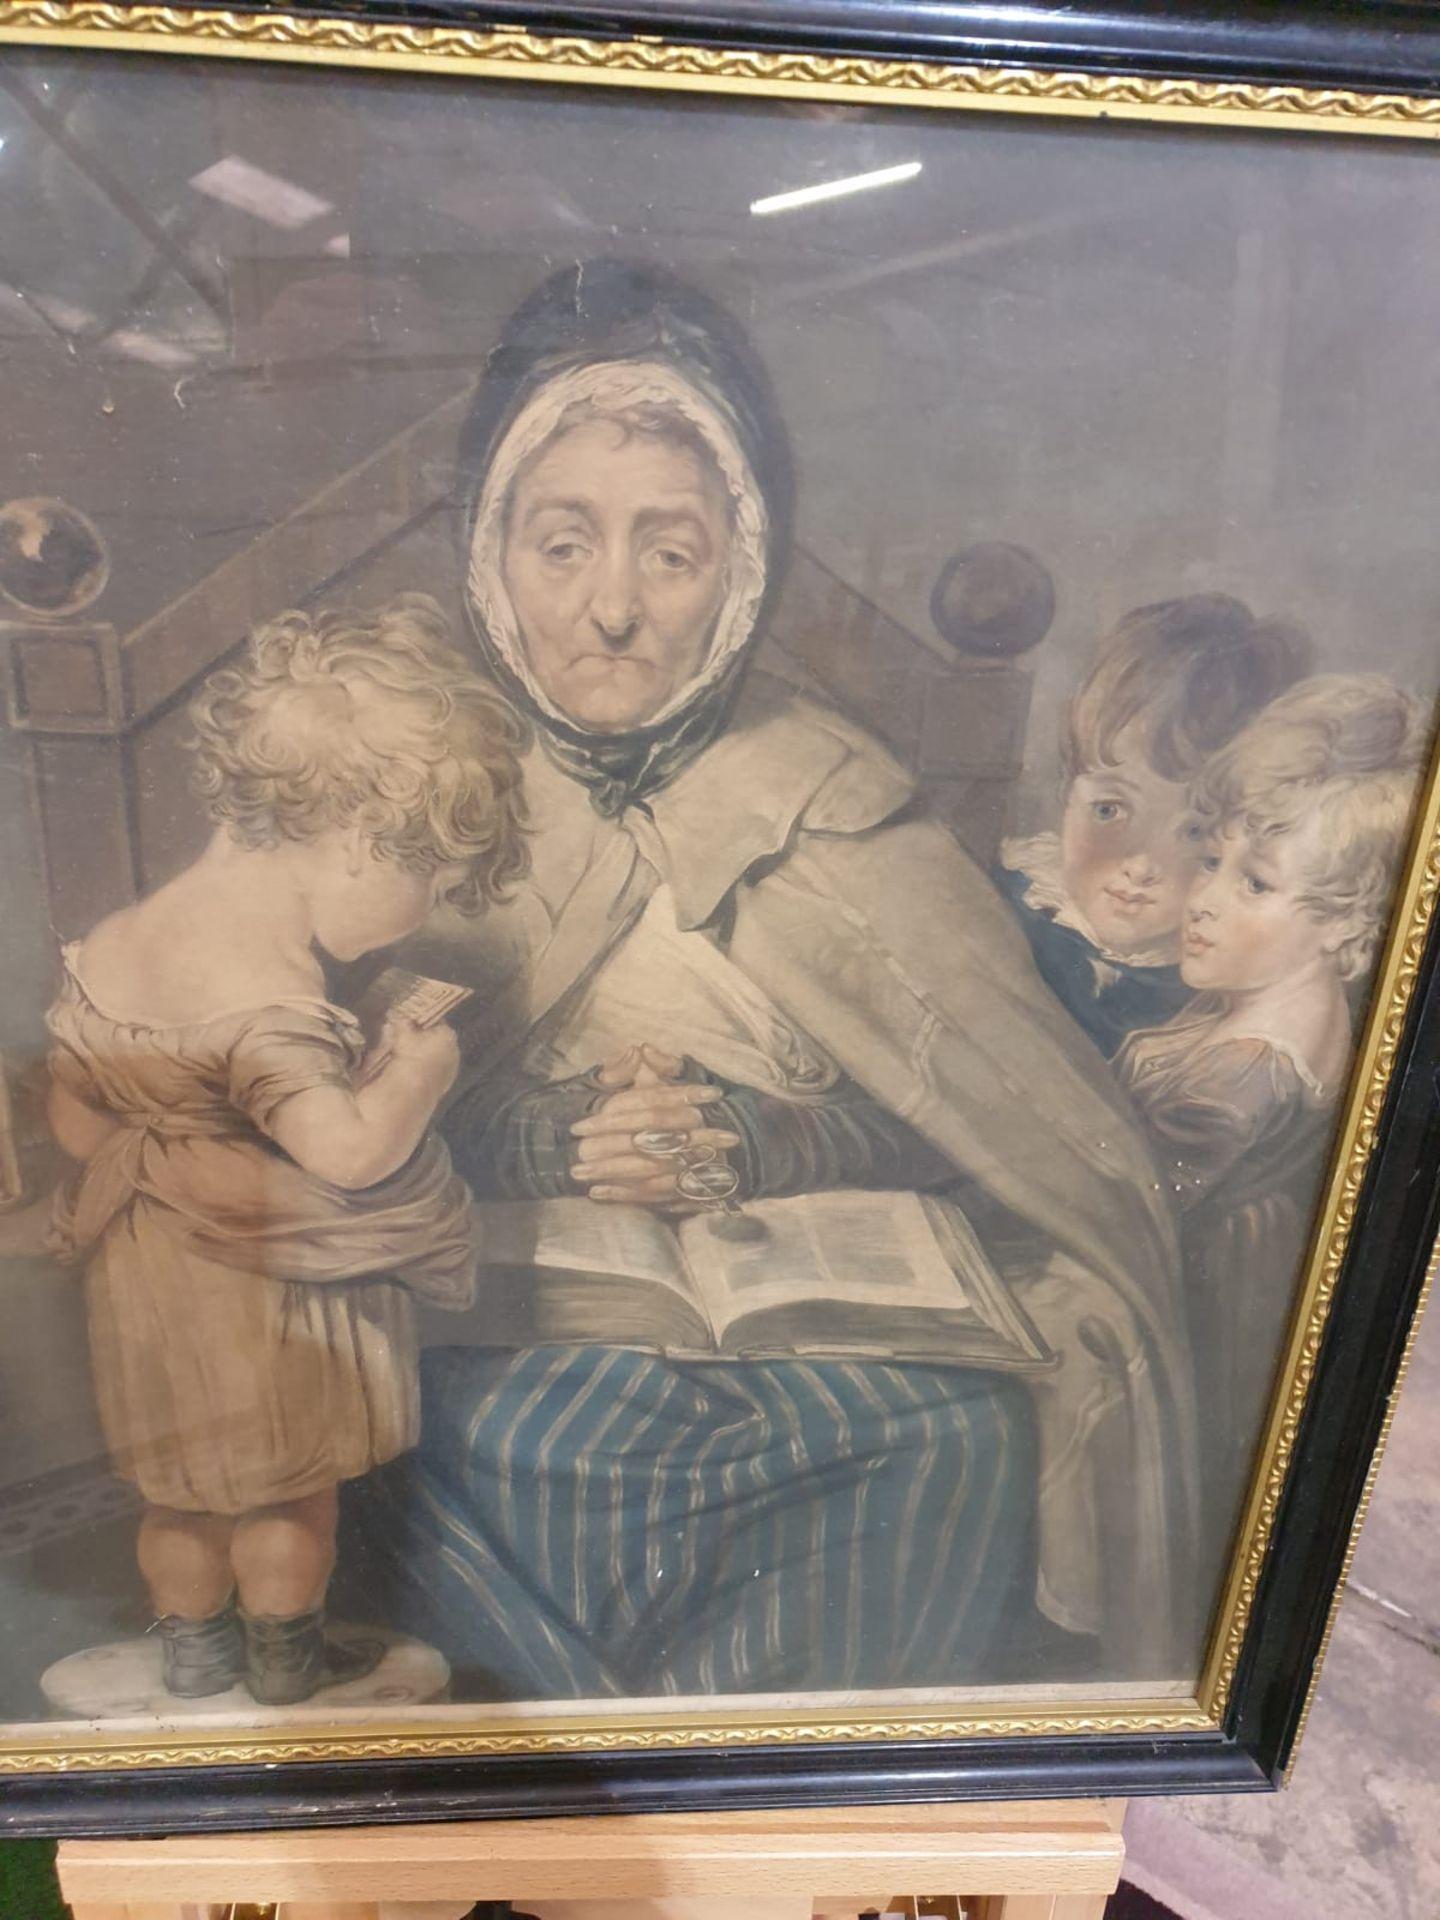 Framed vintage print Nanny with children. Black & Gold frame 52 x 59cm - Image 3 of 3